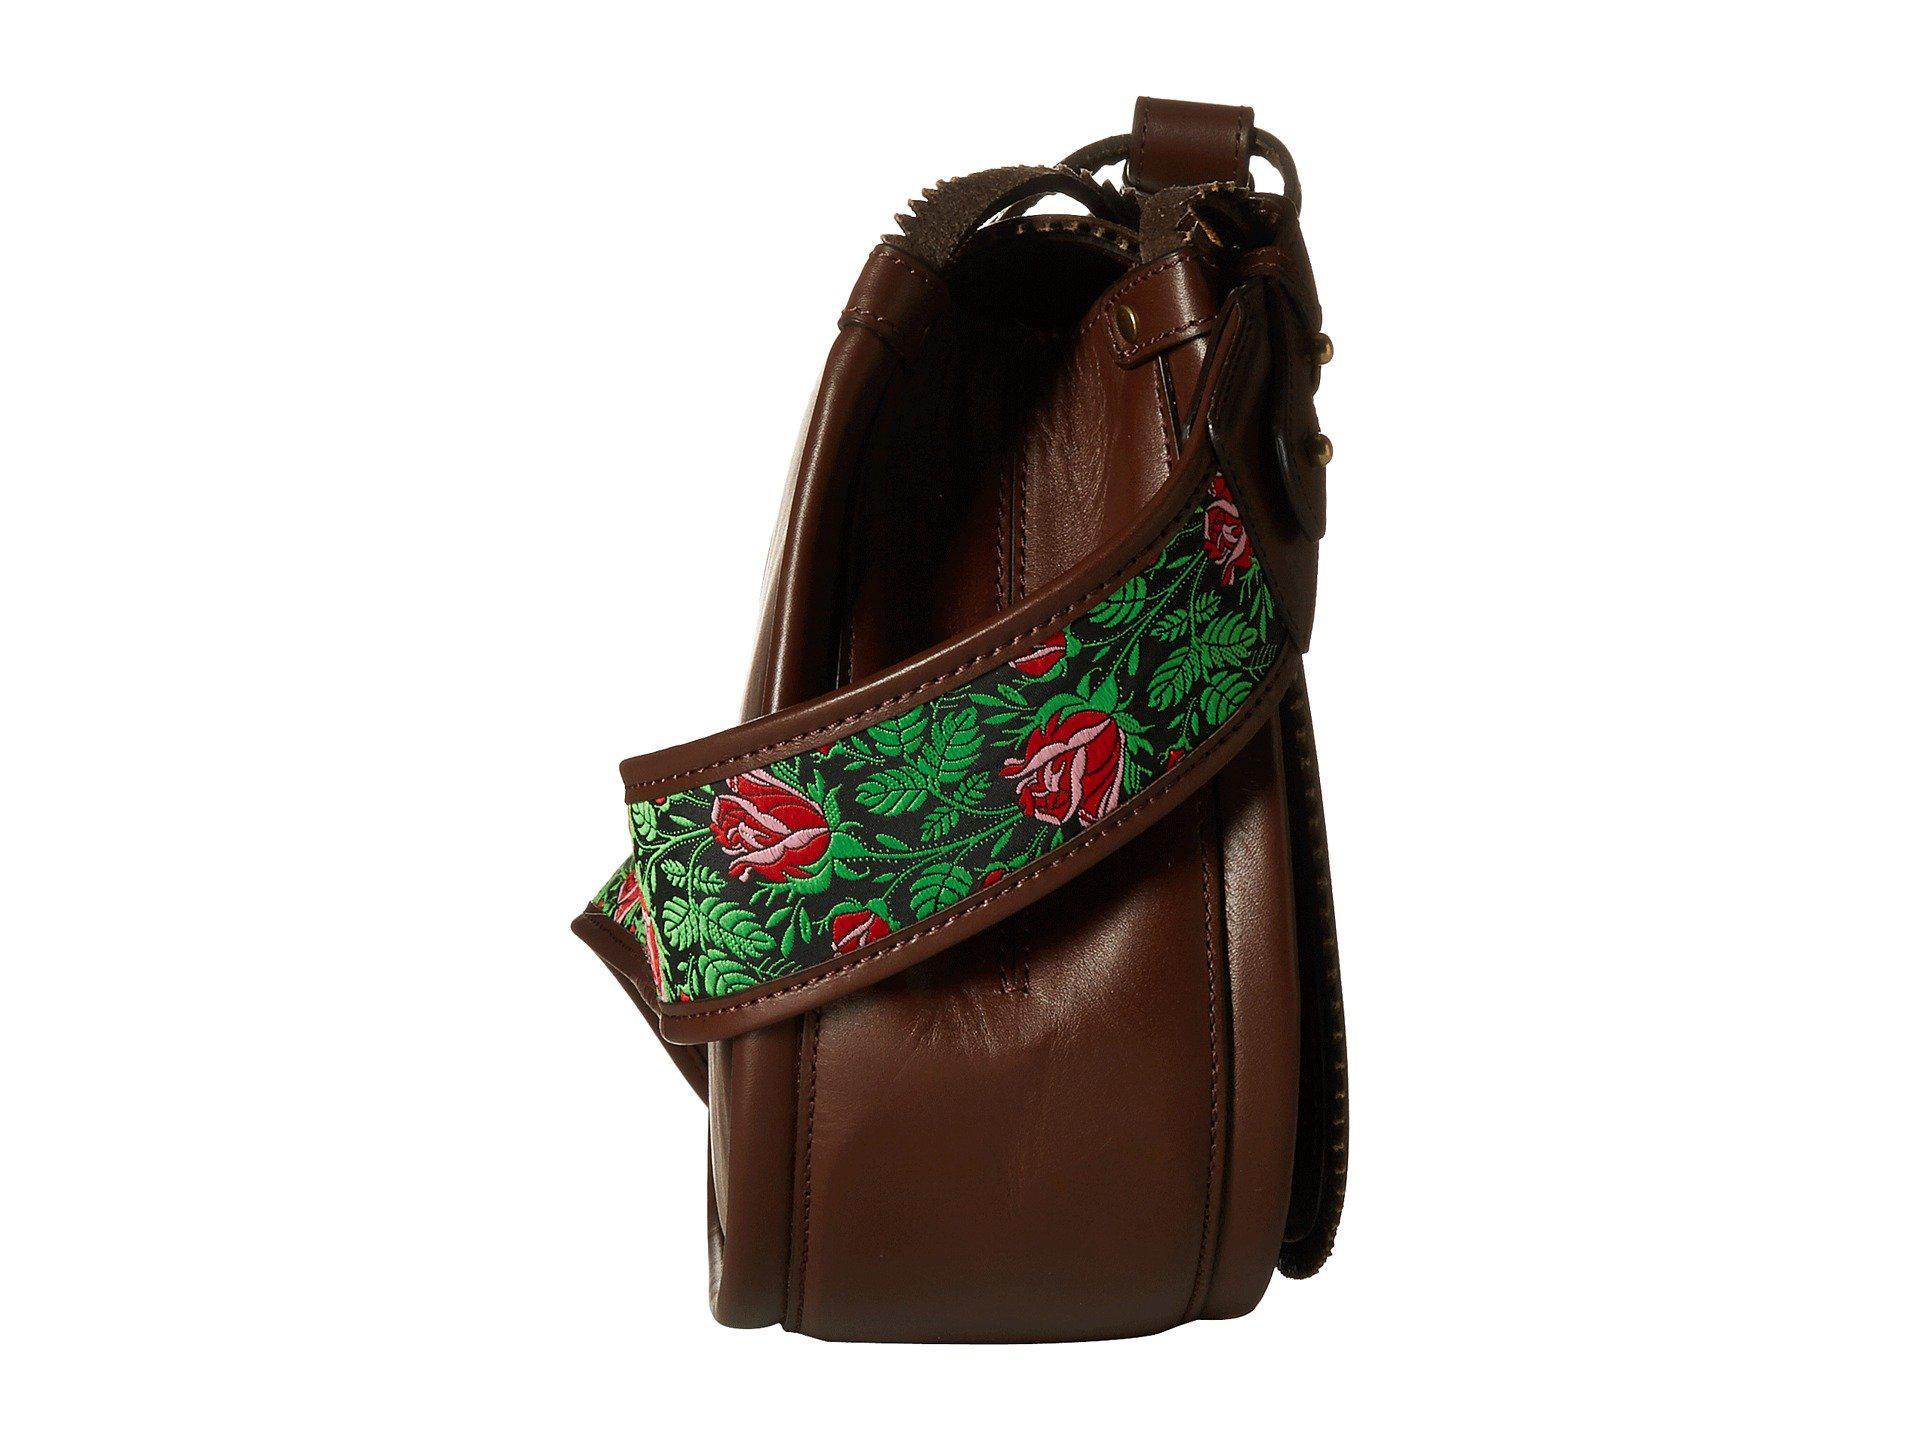 7b2dff57fa5 Vivienne Westwood Heidi Medium Crossbody Bag in Brown - Lyst